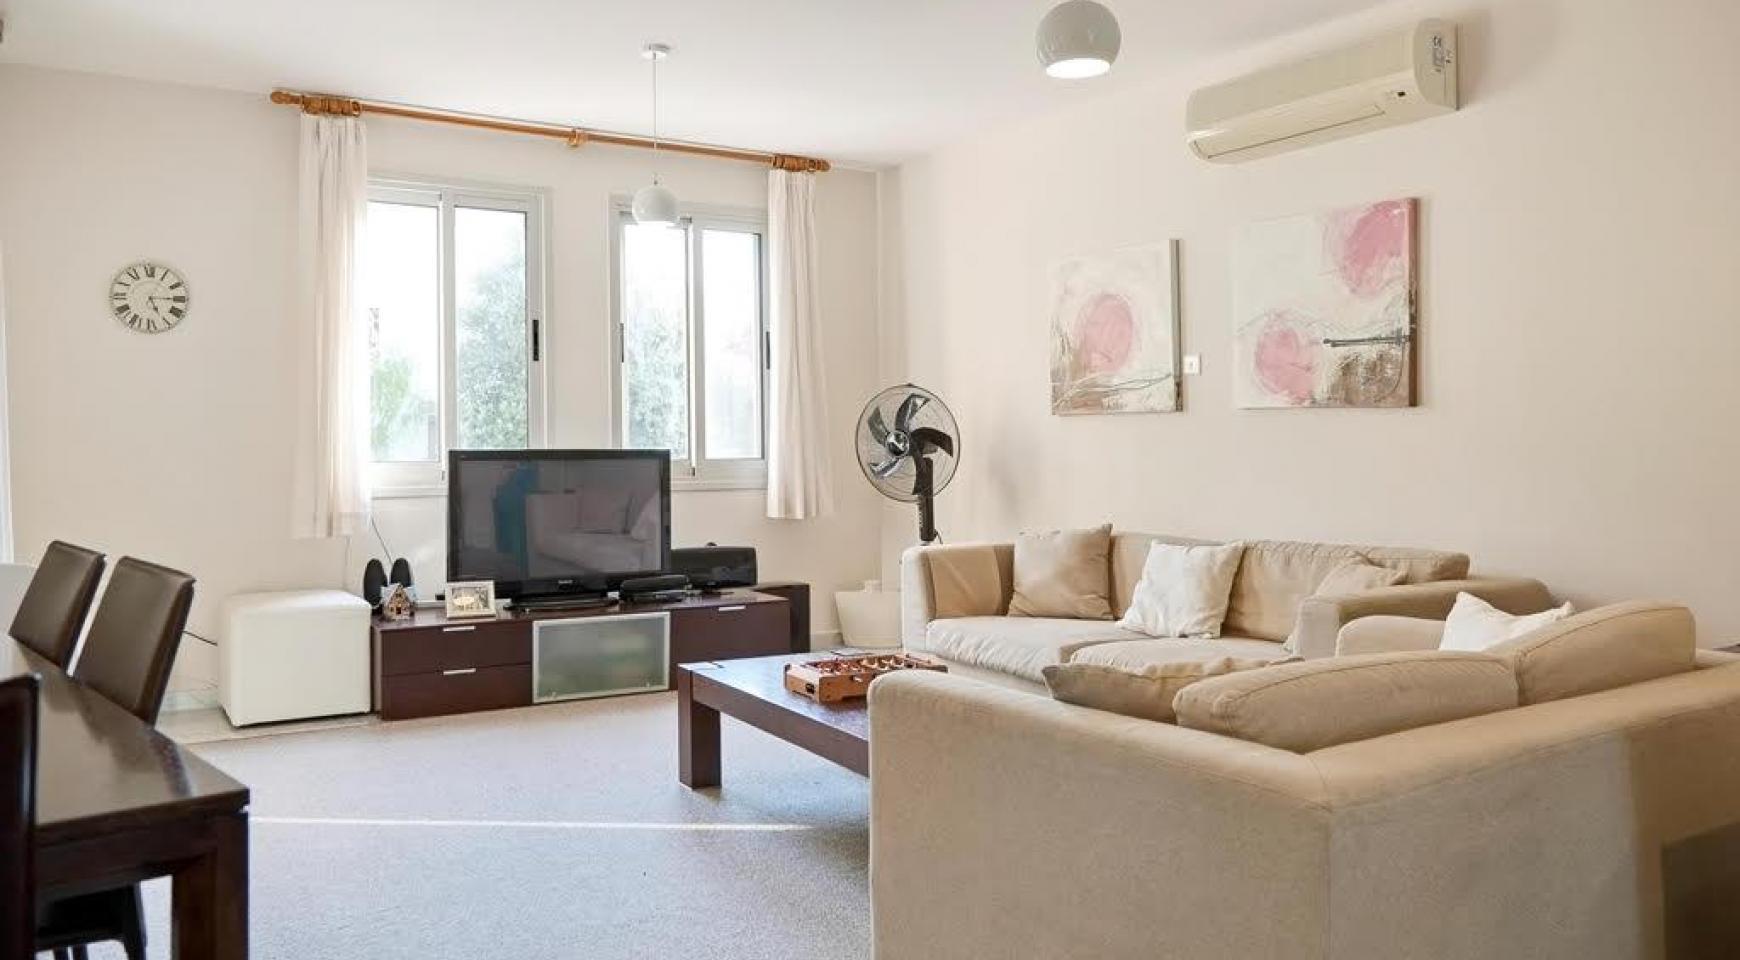 Luxury 2 Bedroom Apartment Amathusa F 104 near the Beach - 1